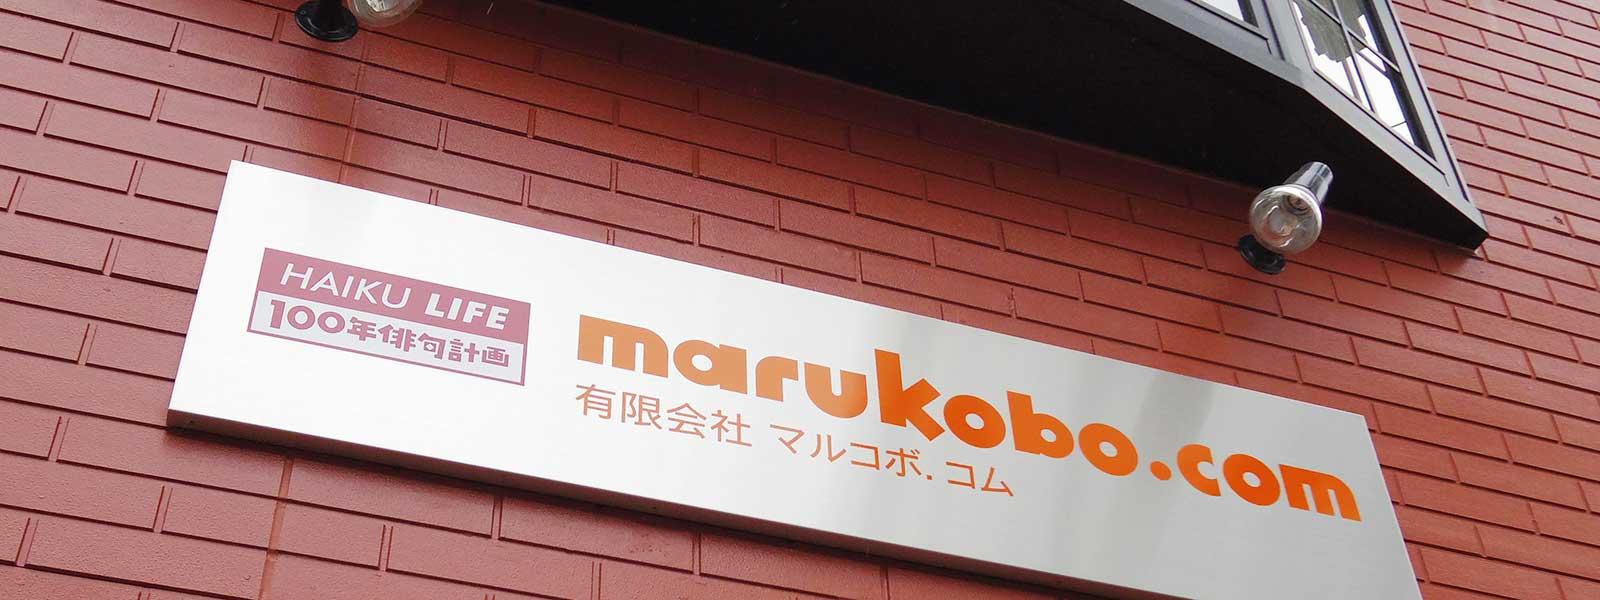 有限会社 マルコボ.コムの看板